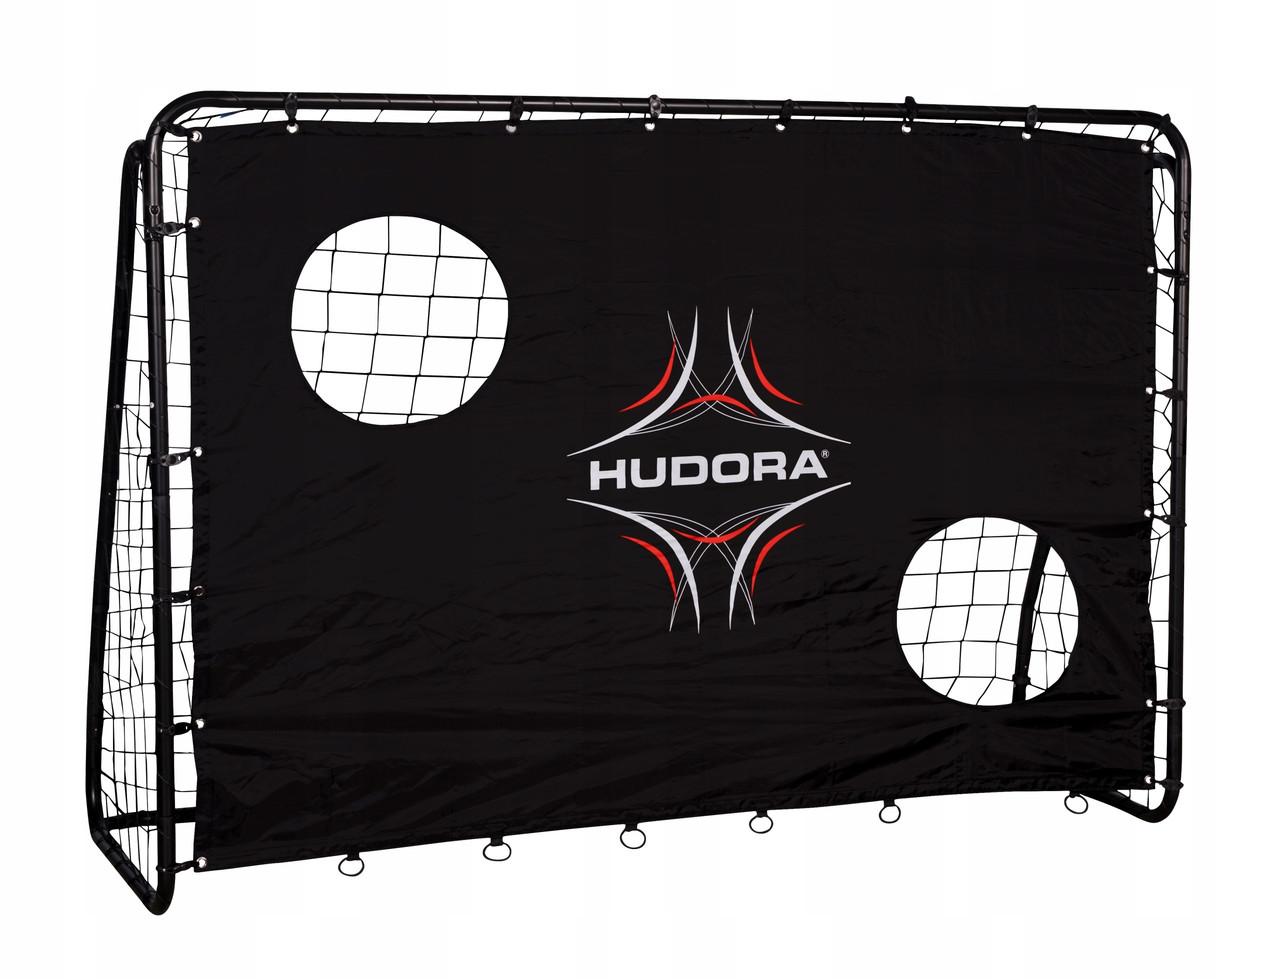 Футбольные ворота с экраном фирмы HUDORA с экраном (игровые футбольные ворота, тренировочные ворота)